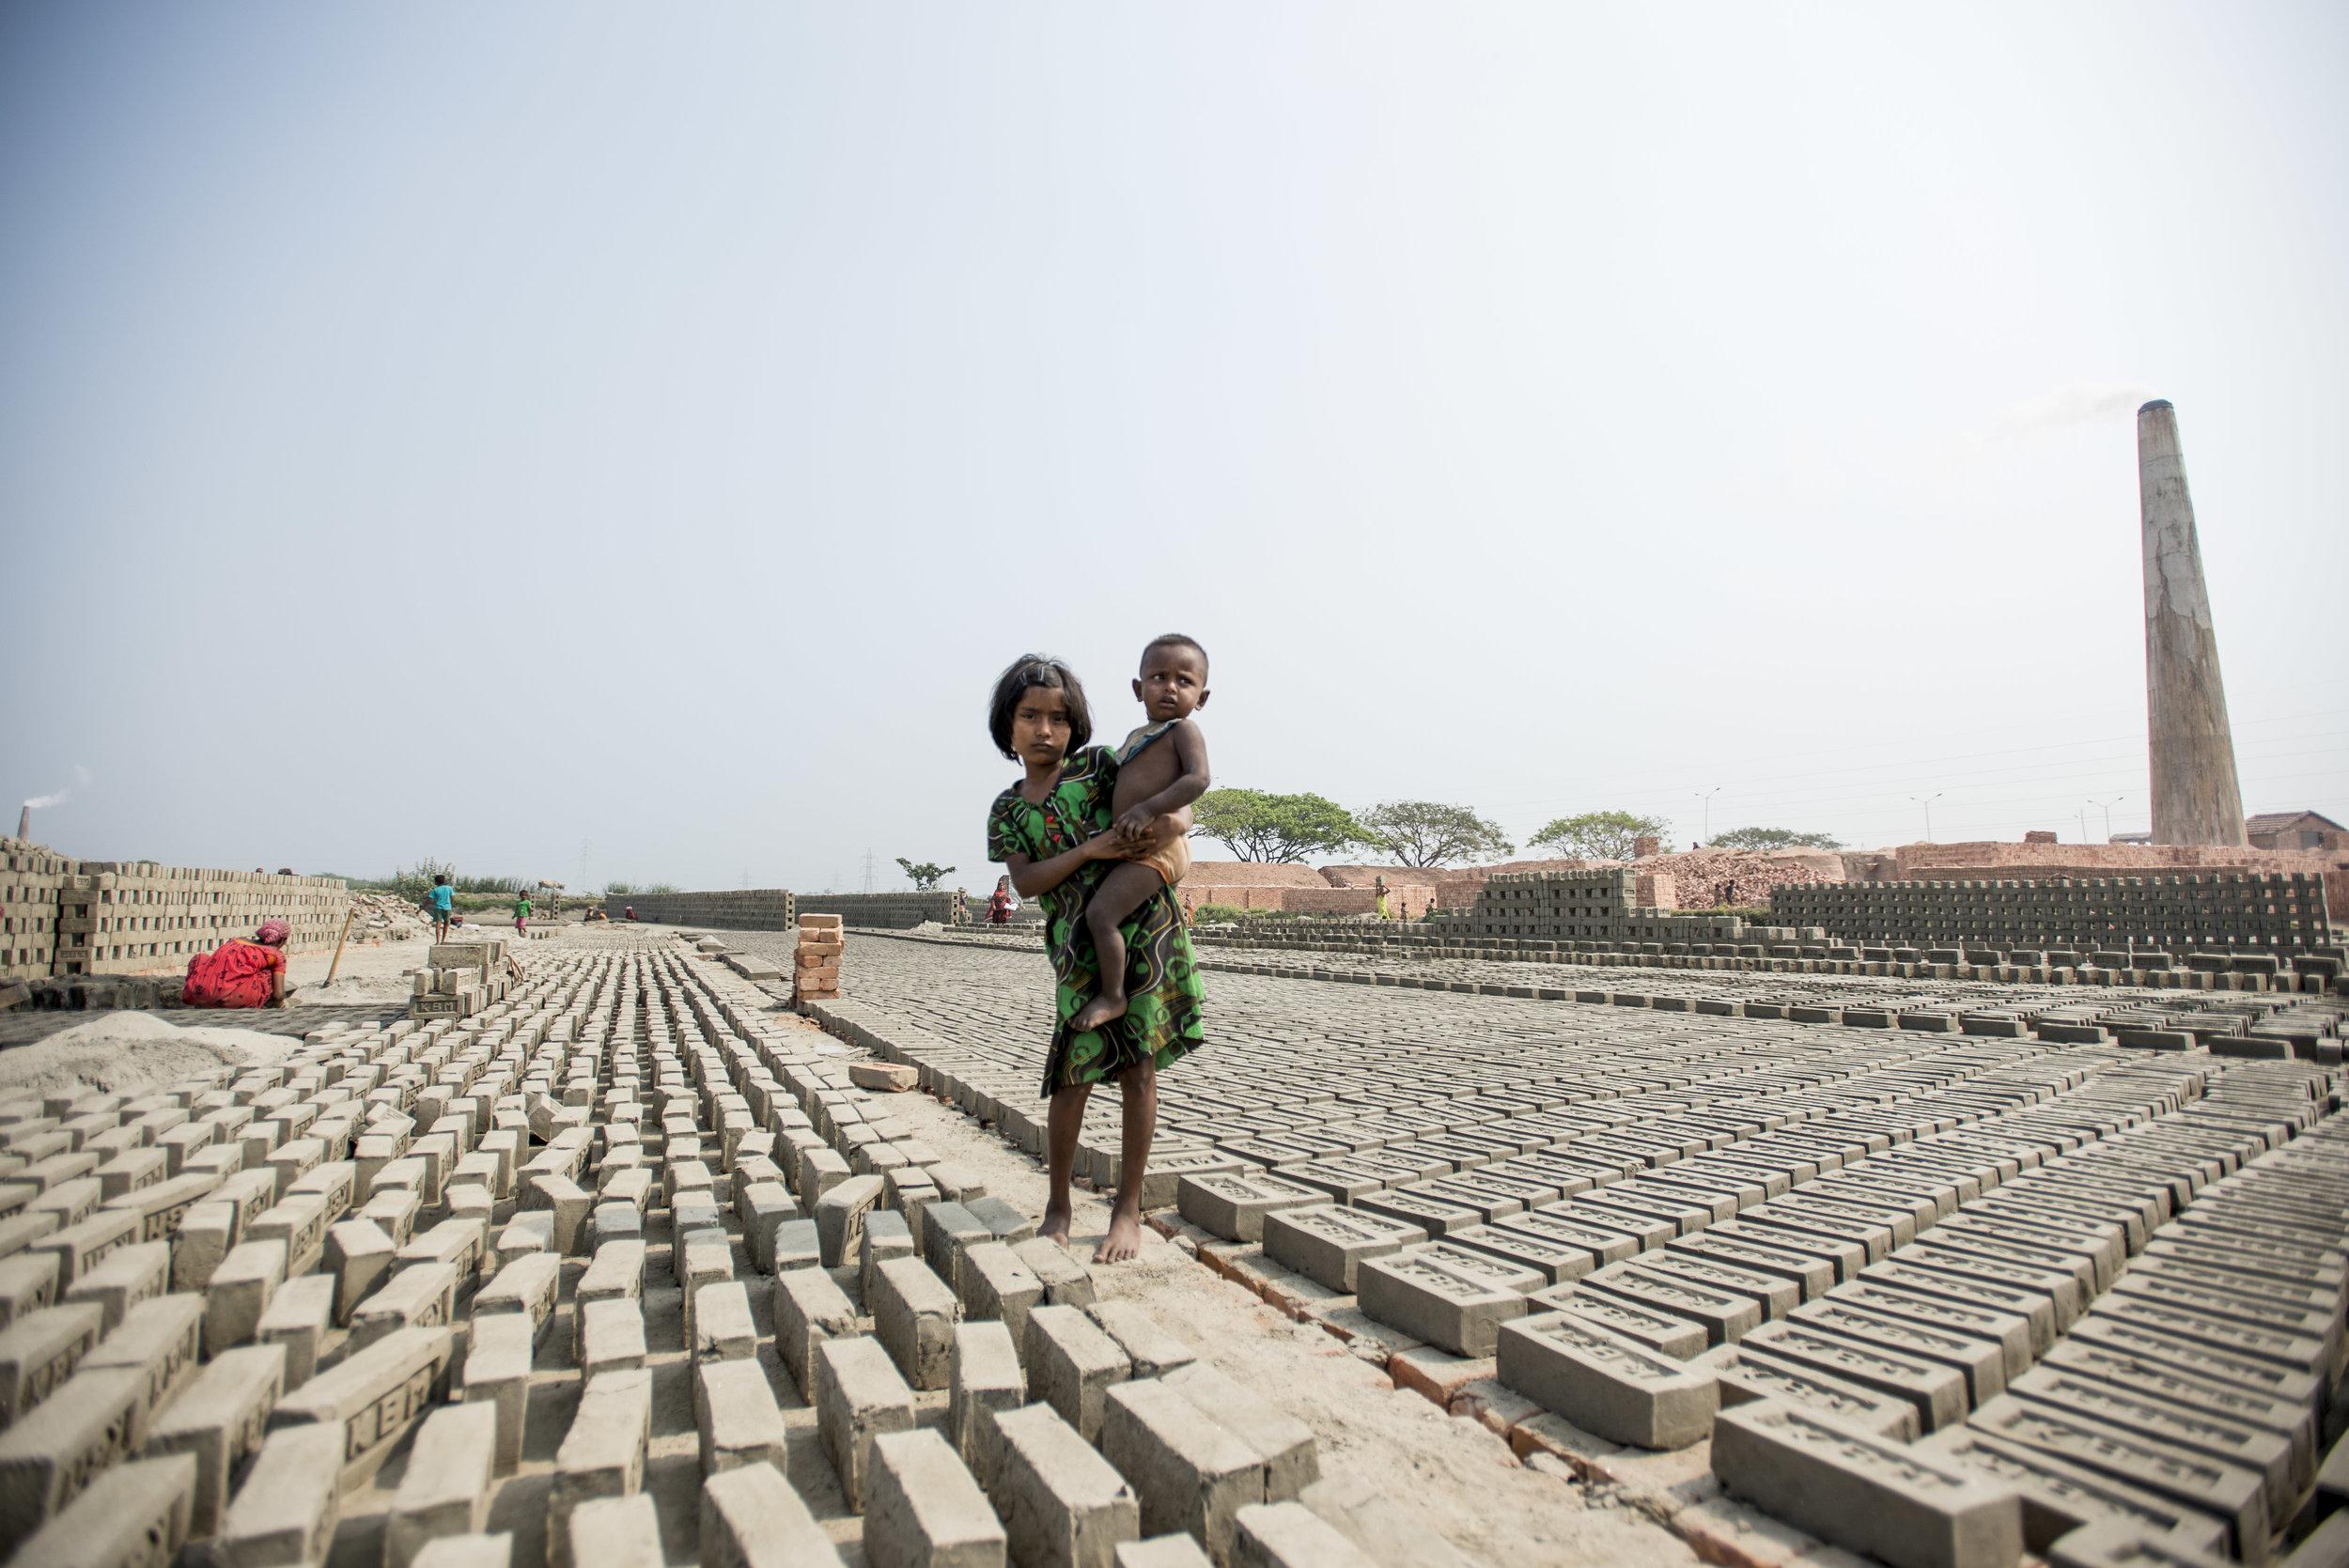 Brick kilns outside Kolkata. India. 2015.